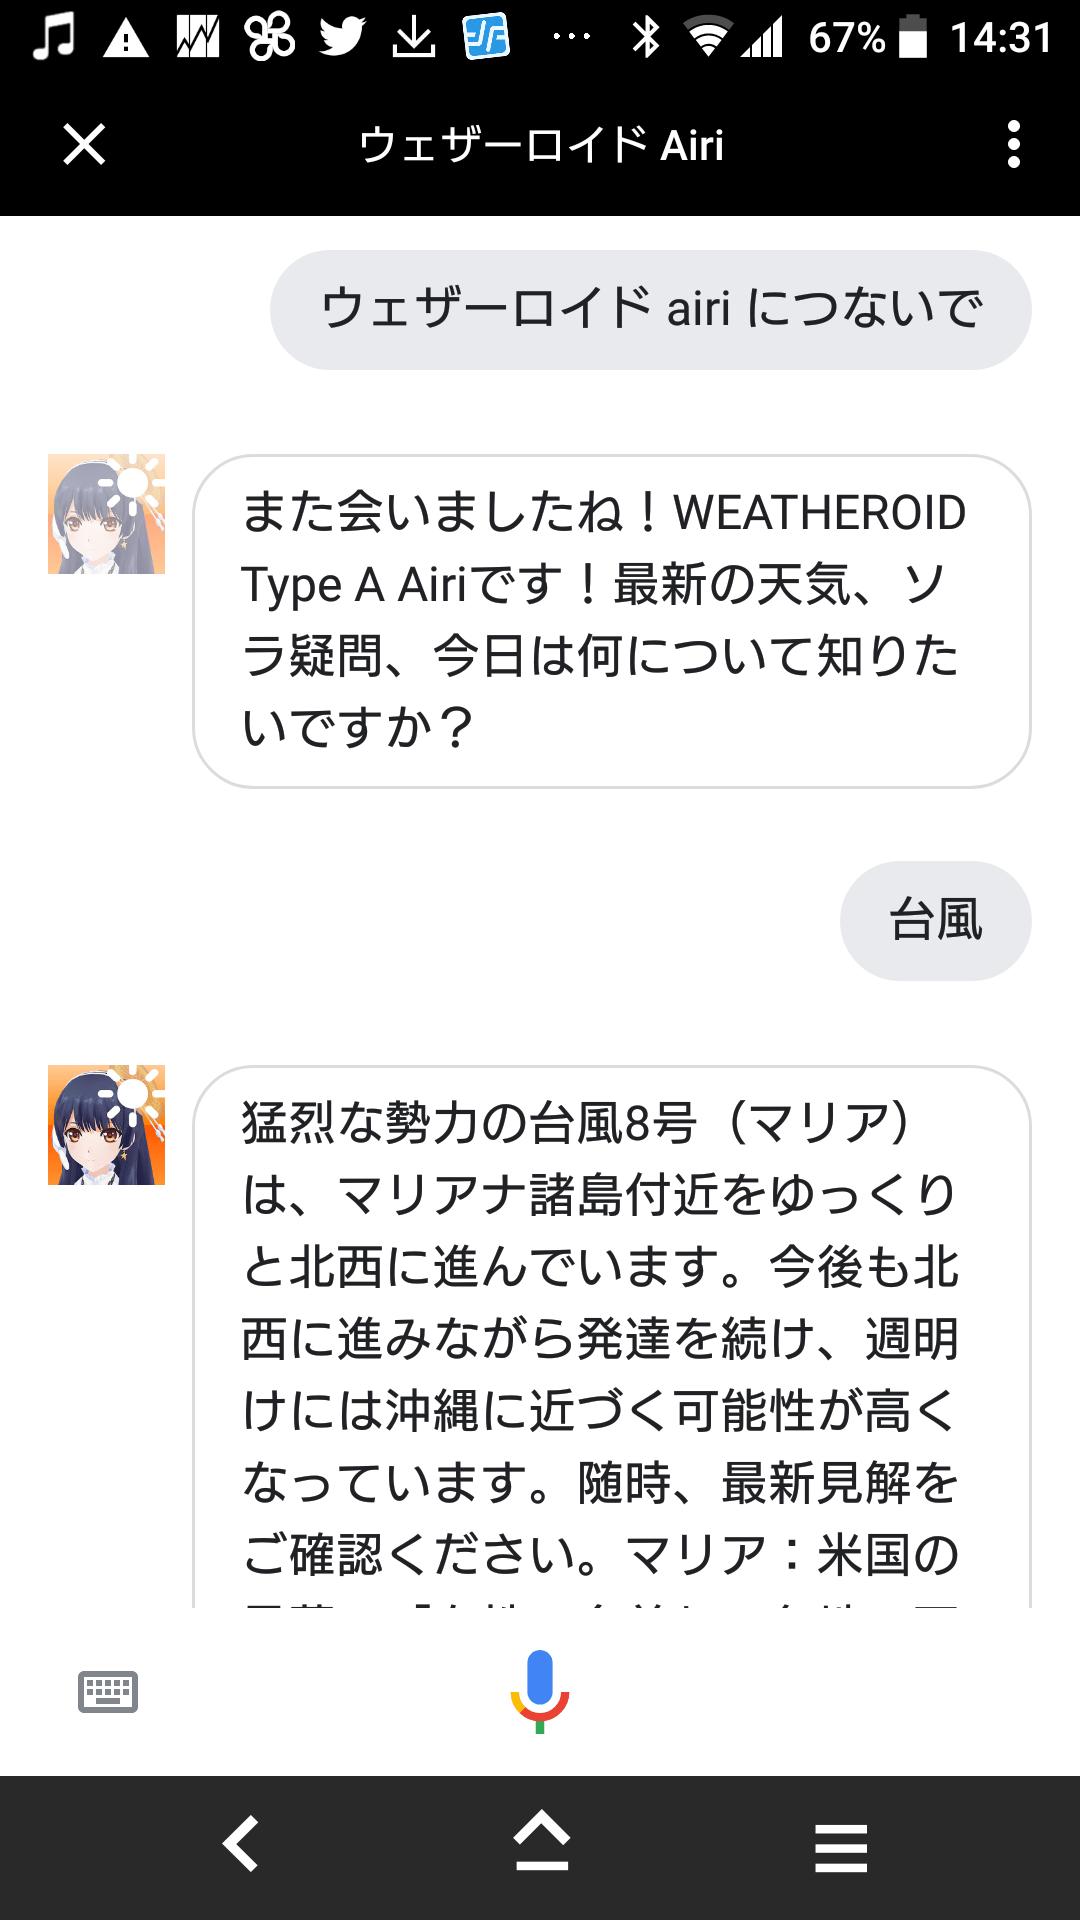 ウェザーロイドAiri01